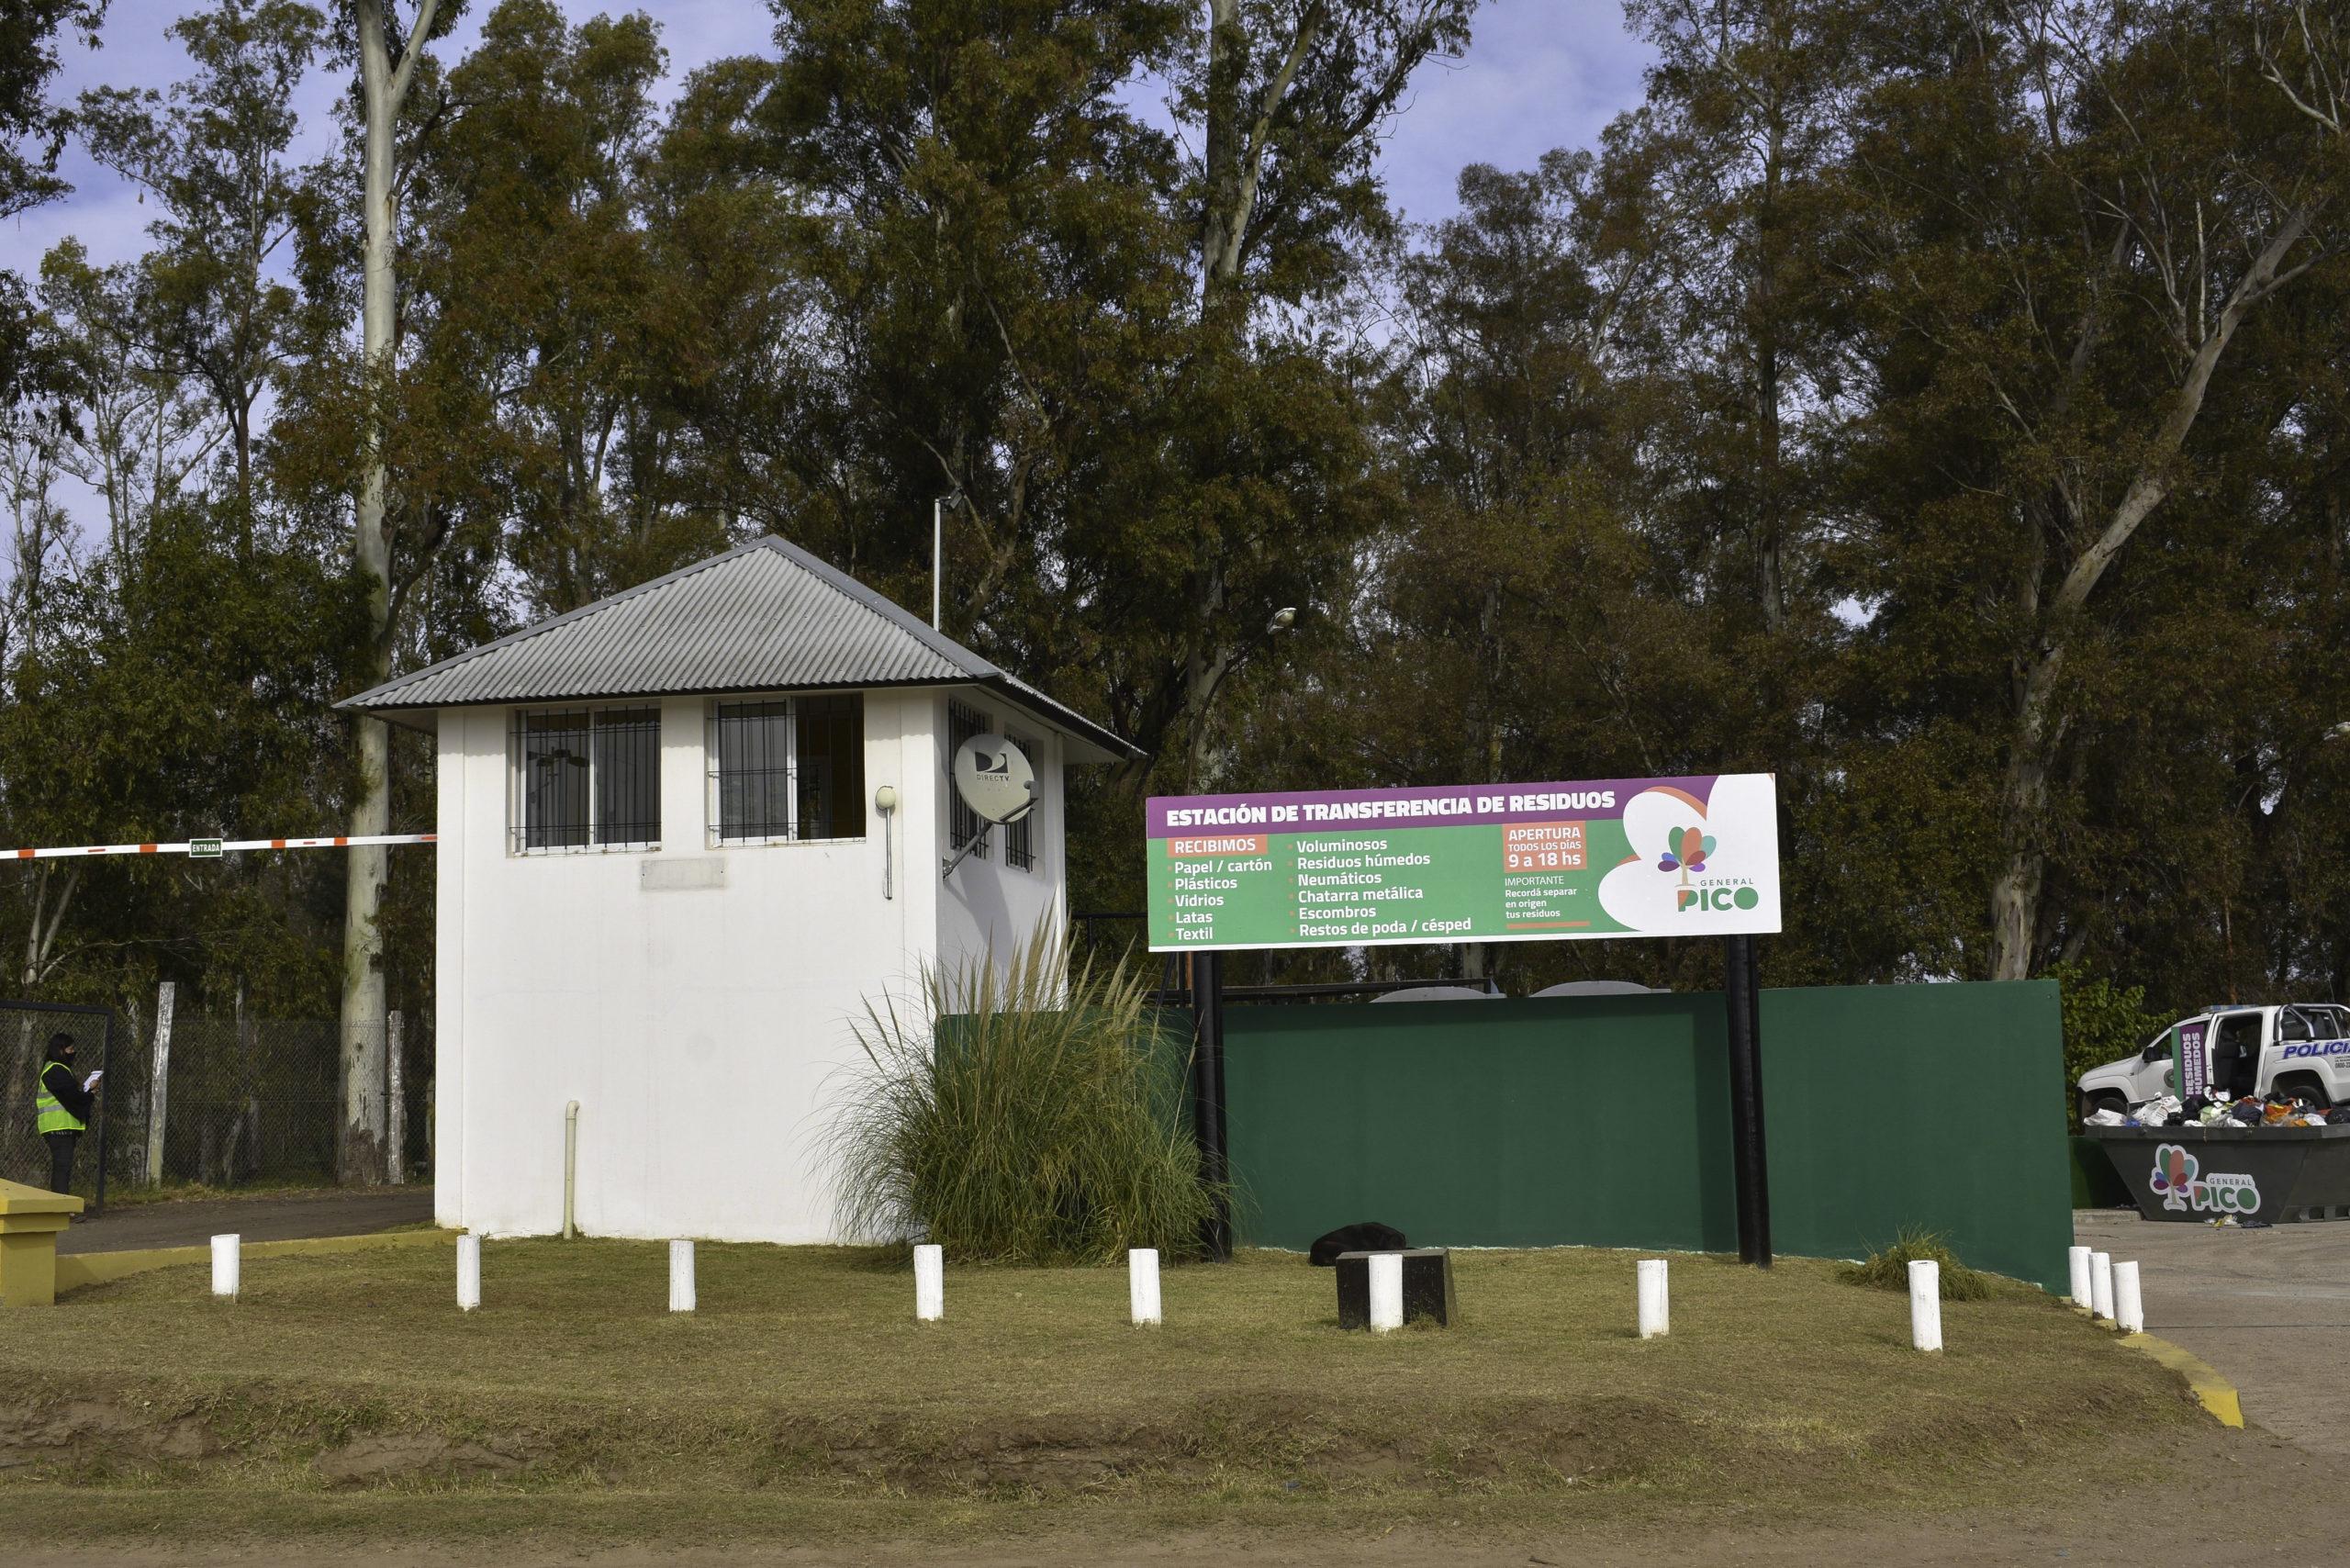 Este domingo, la Estación de Trasferencia estará abierta solo hasta el mediodía